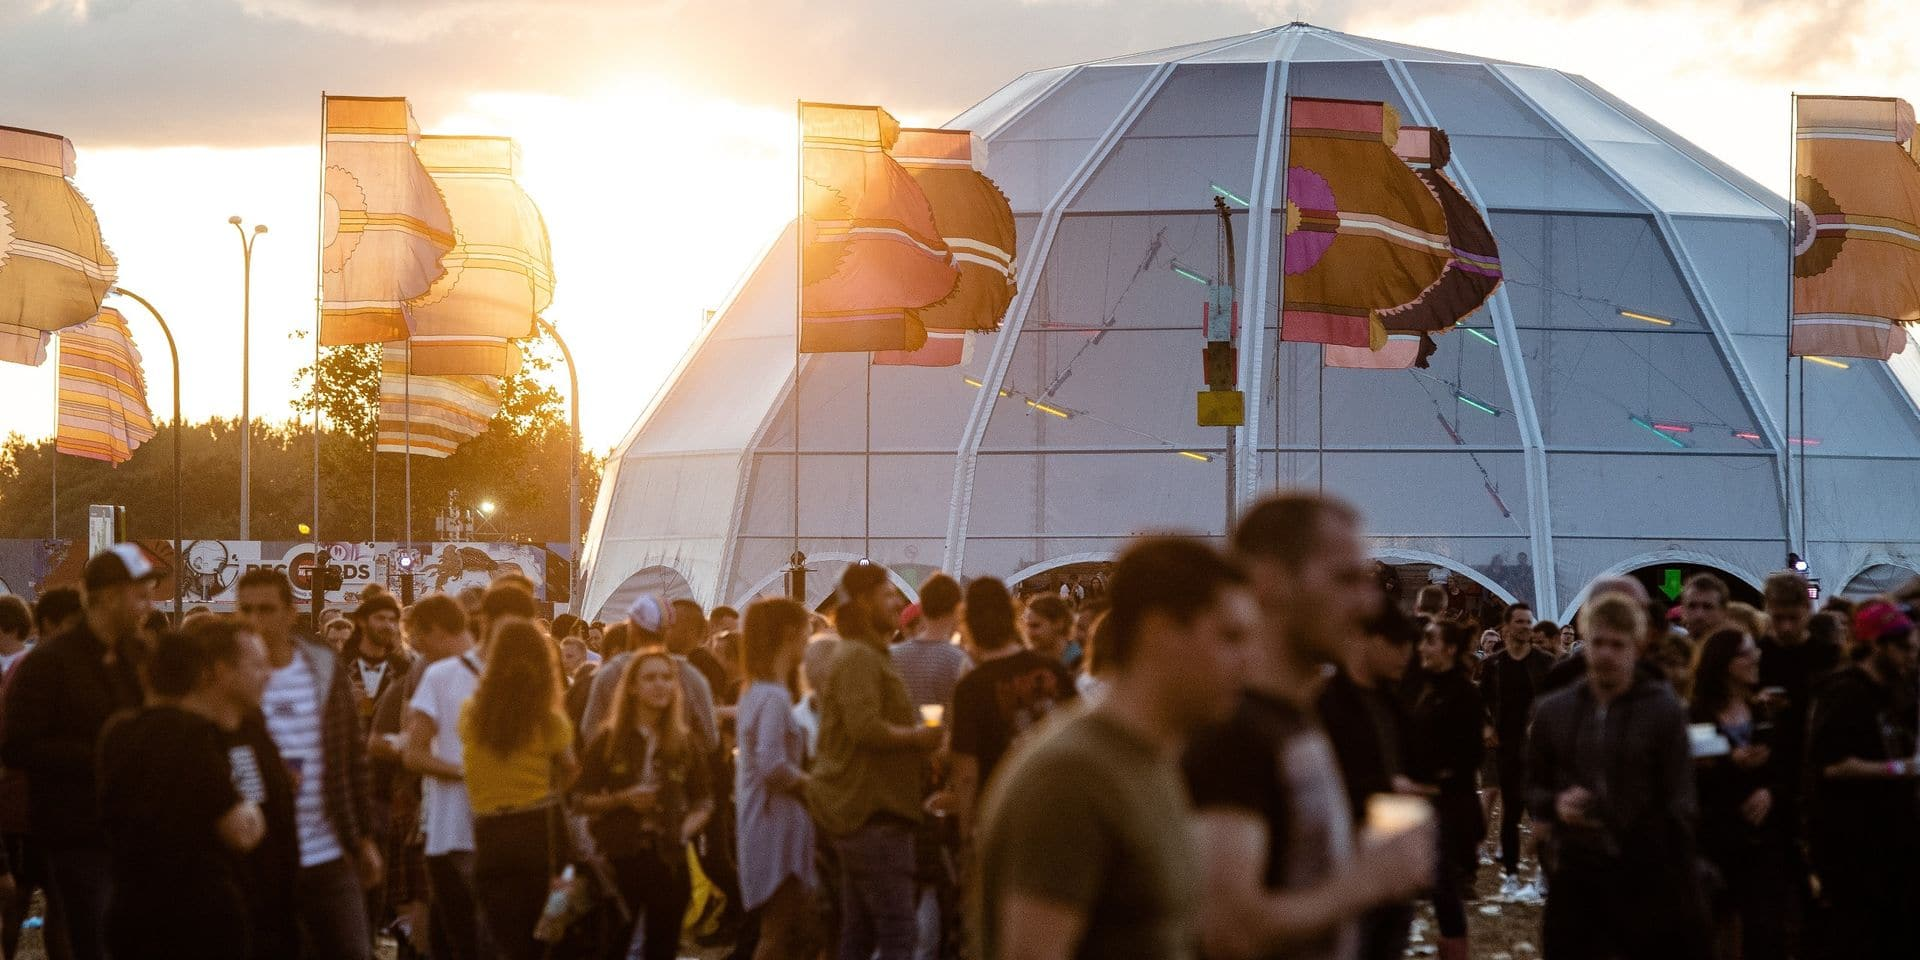 Les festivals veulent tout faire pour avoir lieu en 2021, avec public à 100%